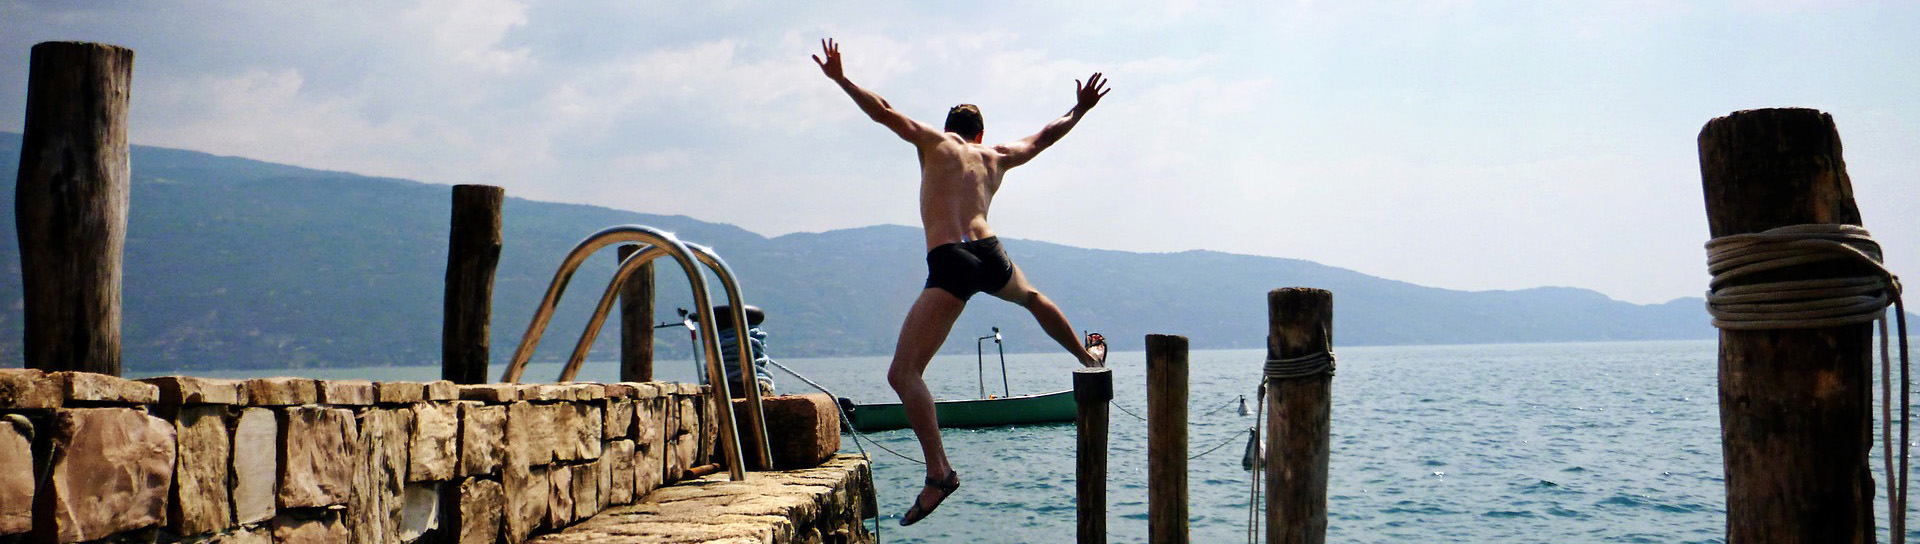 homme qui plonge dans le lac